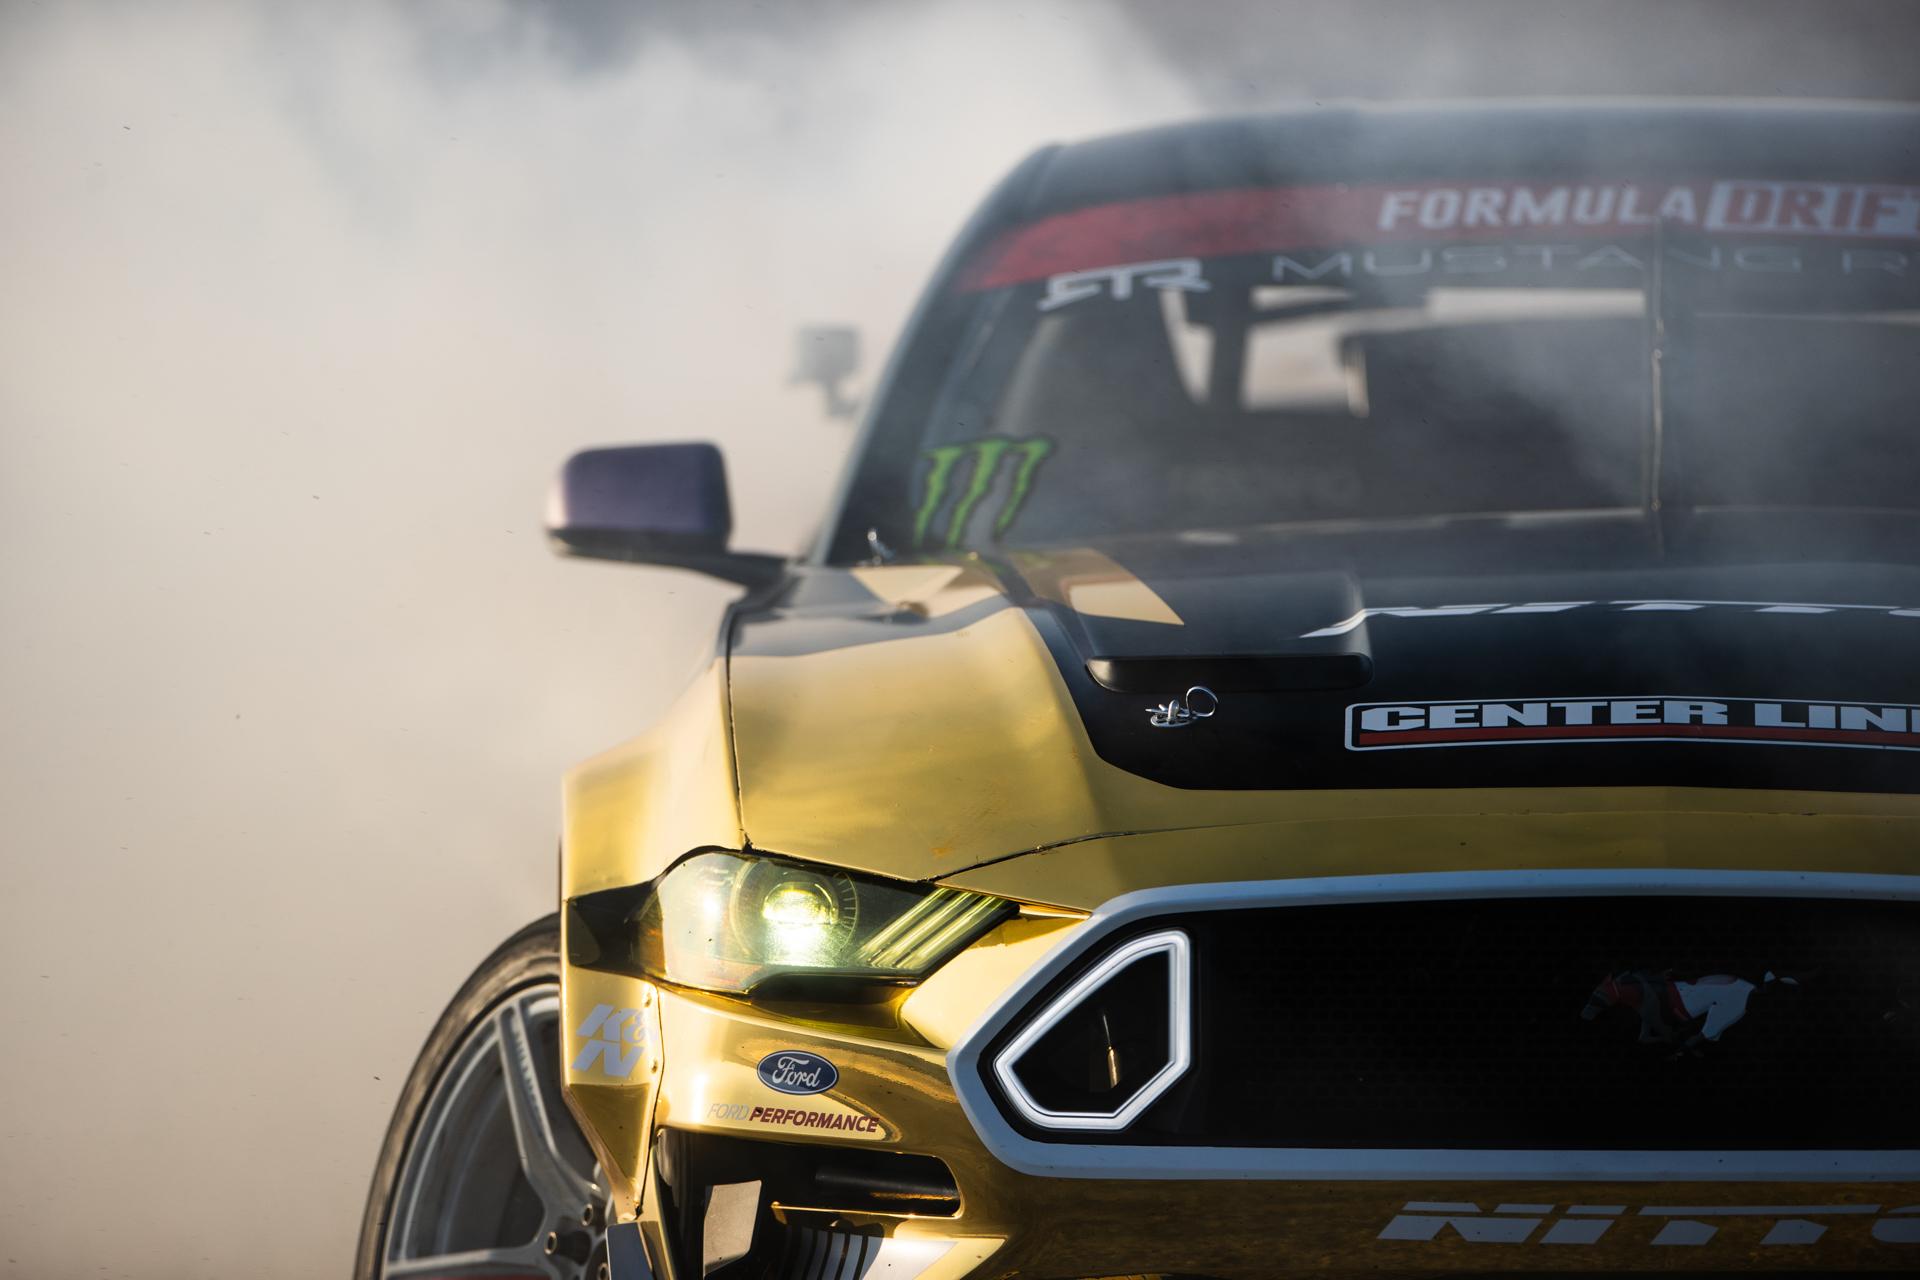 BC Racing Chelsea Denofa Mustang detail